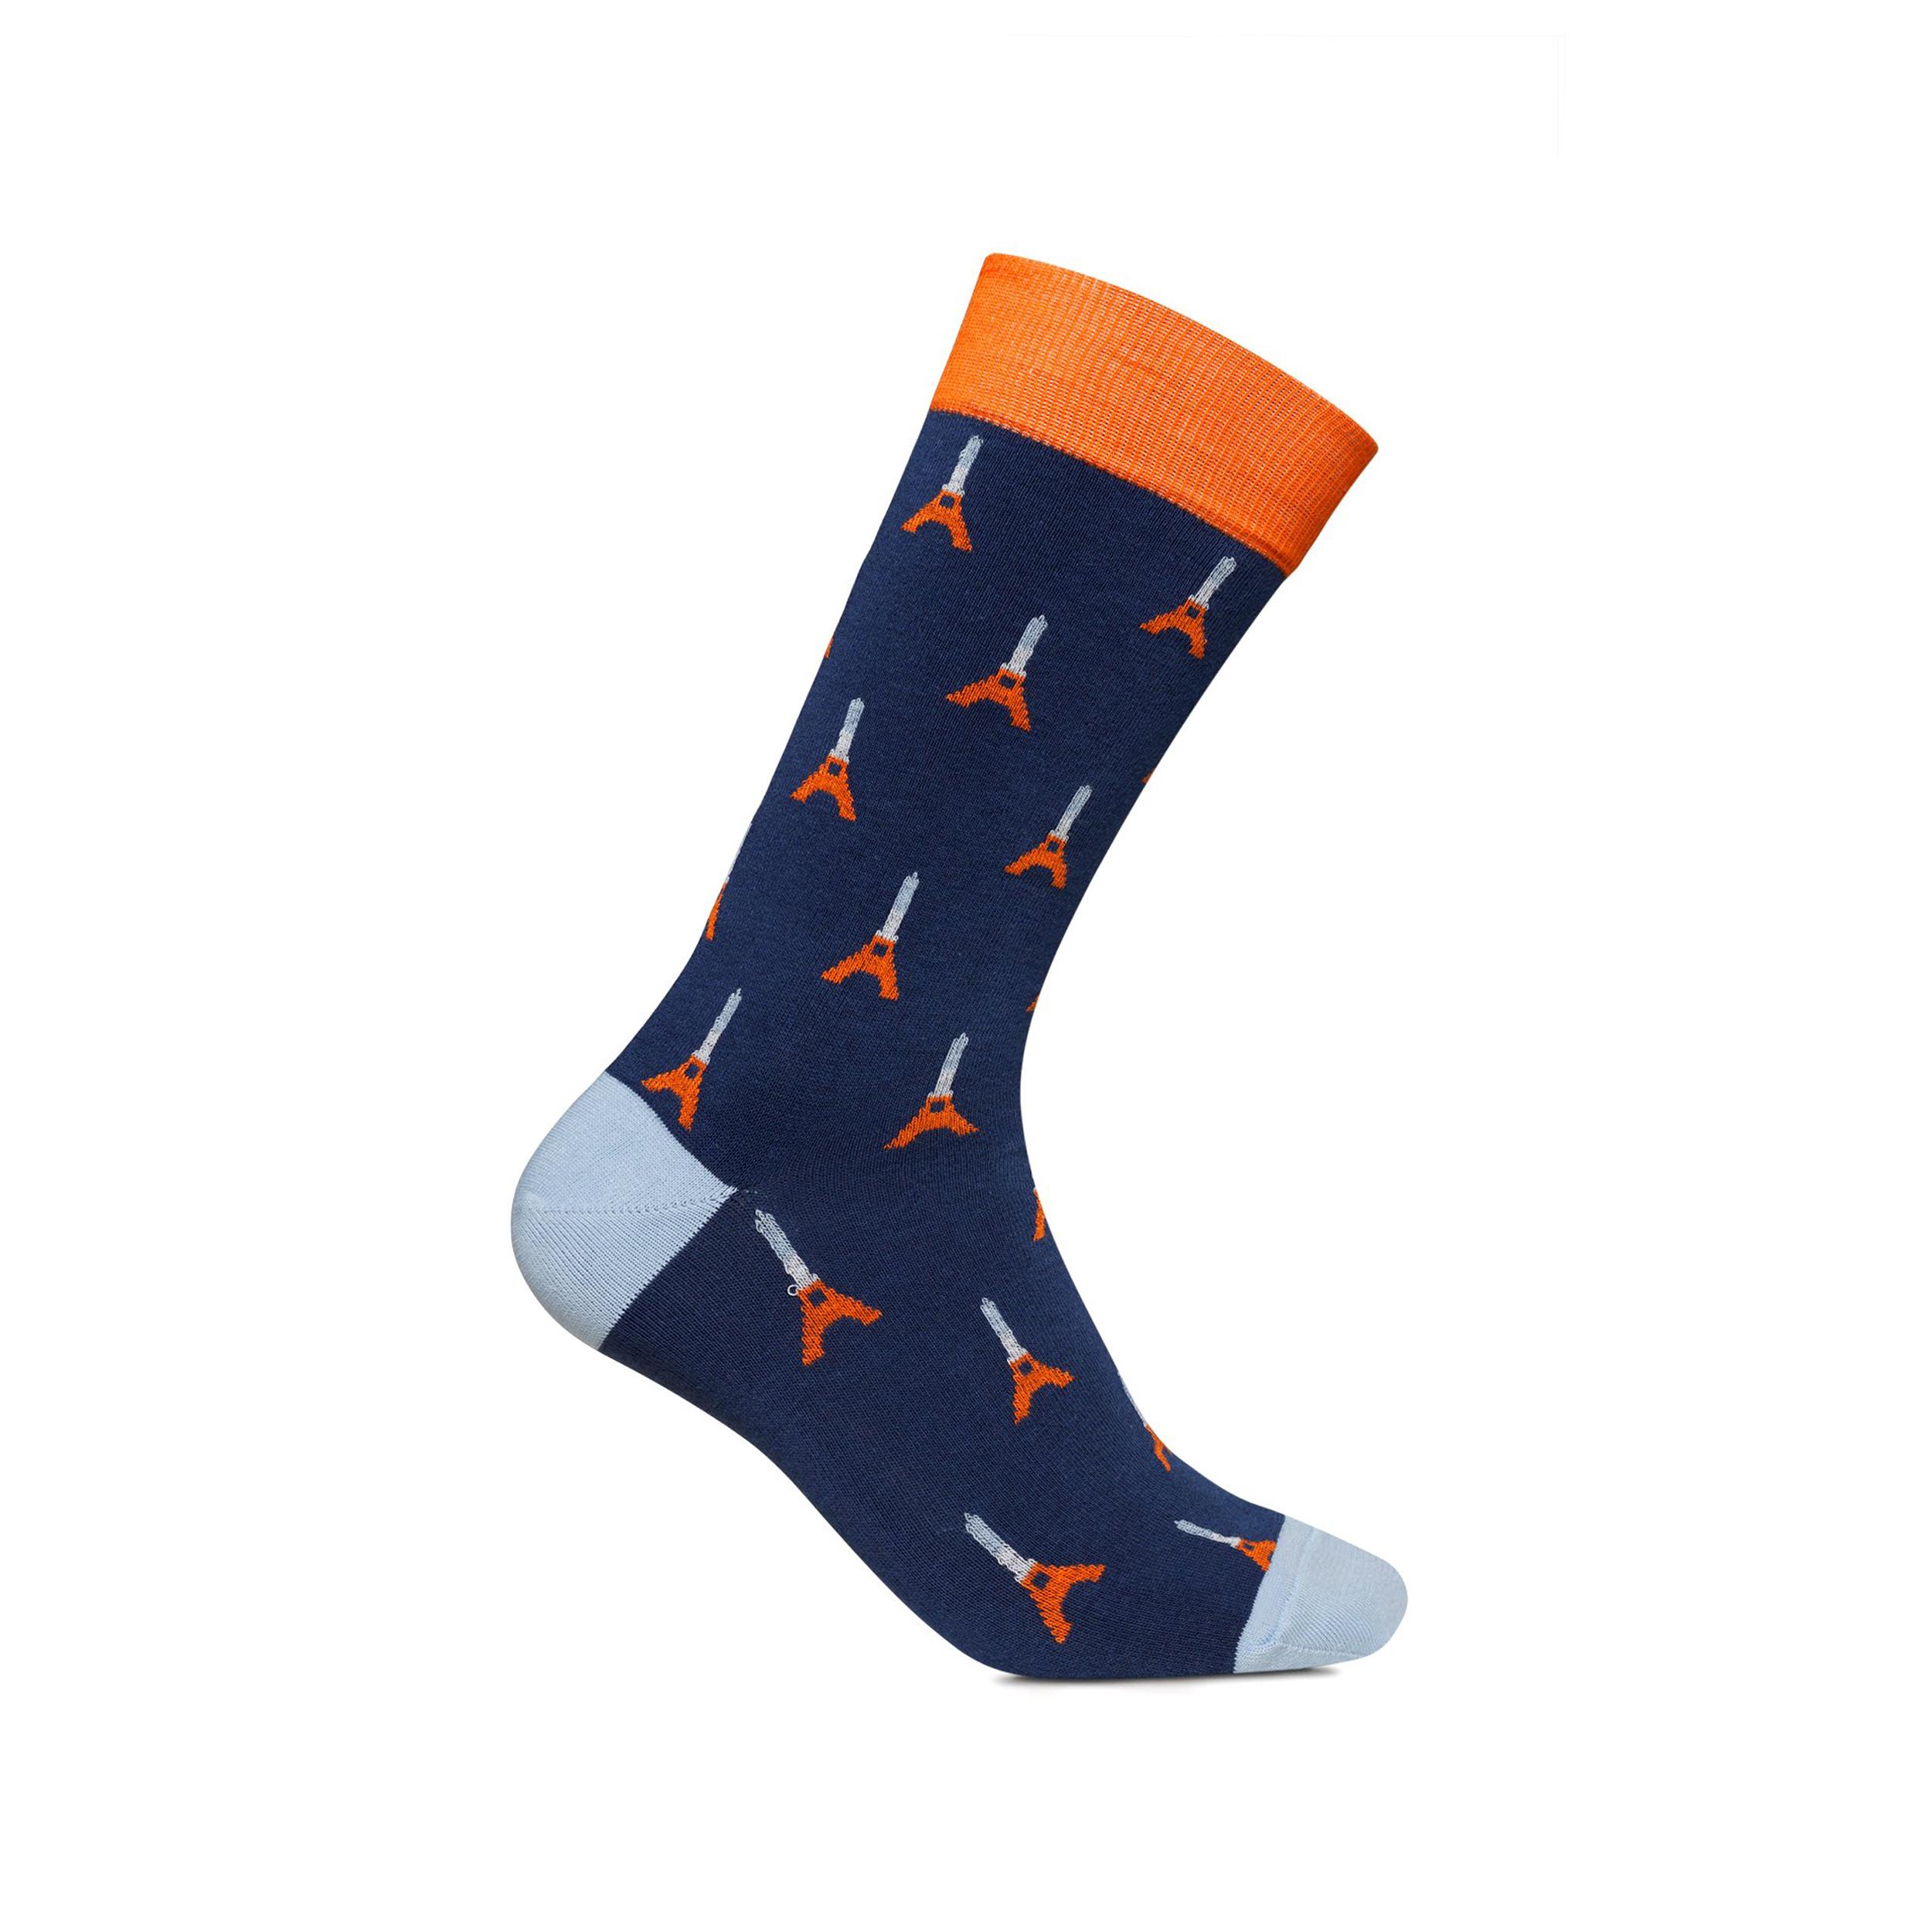 Chaussettes hautes  tour eiffel bleu marine imprimées en orange et bleu ciel